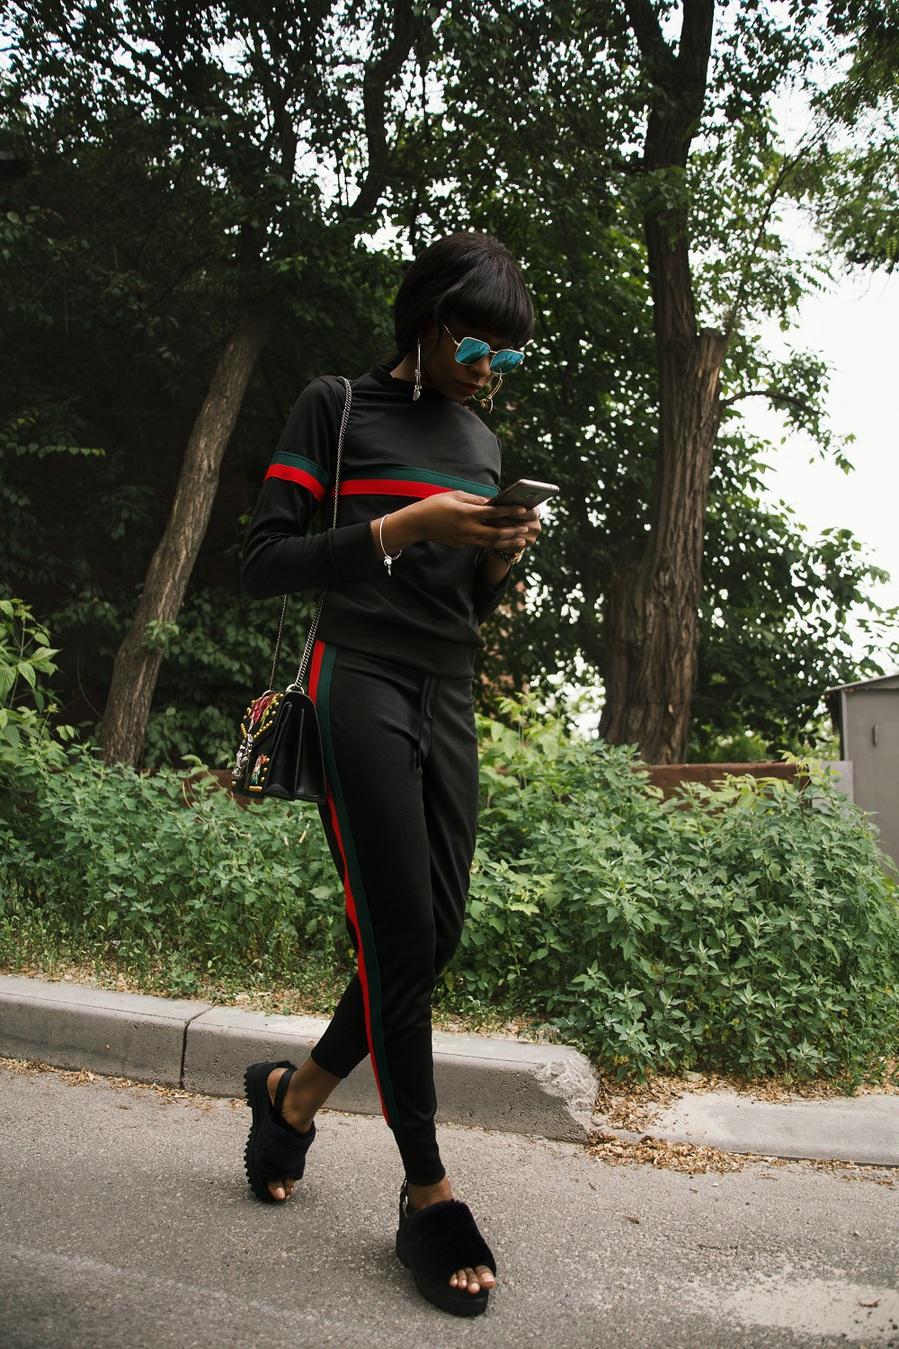 người phụ nữ mặc quần áo màu đen